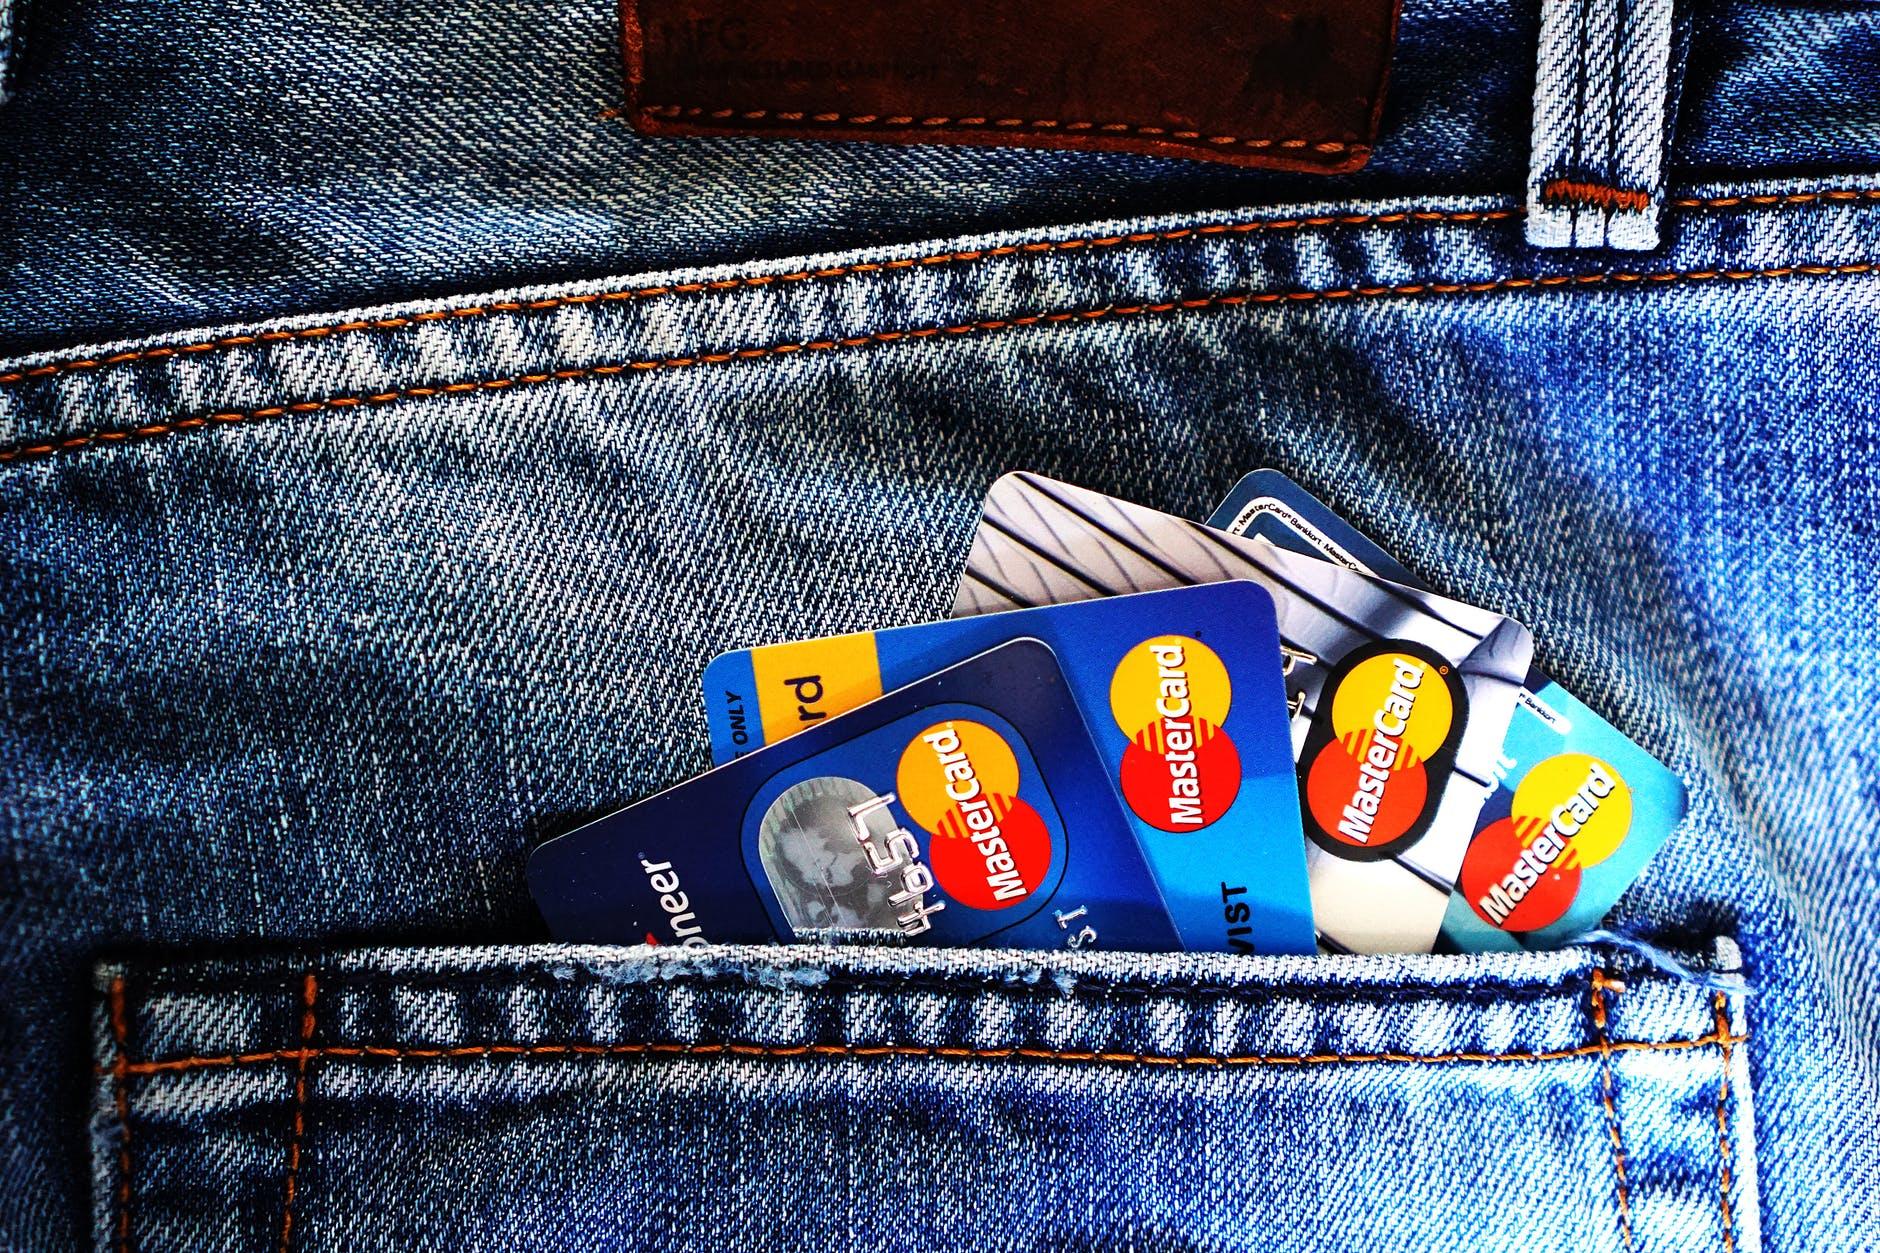 Mengenal Perbedaan kartu Debit dan Kartu ATM VS Kartu Kredit